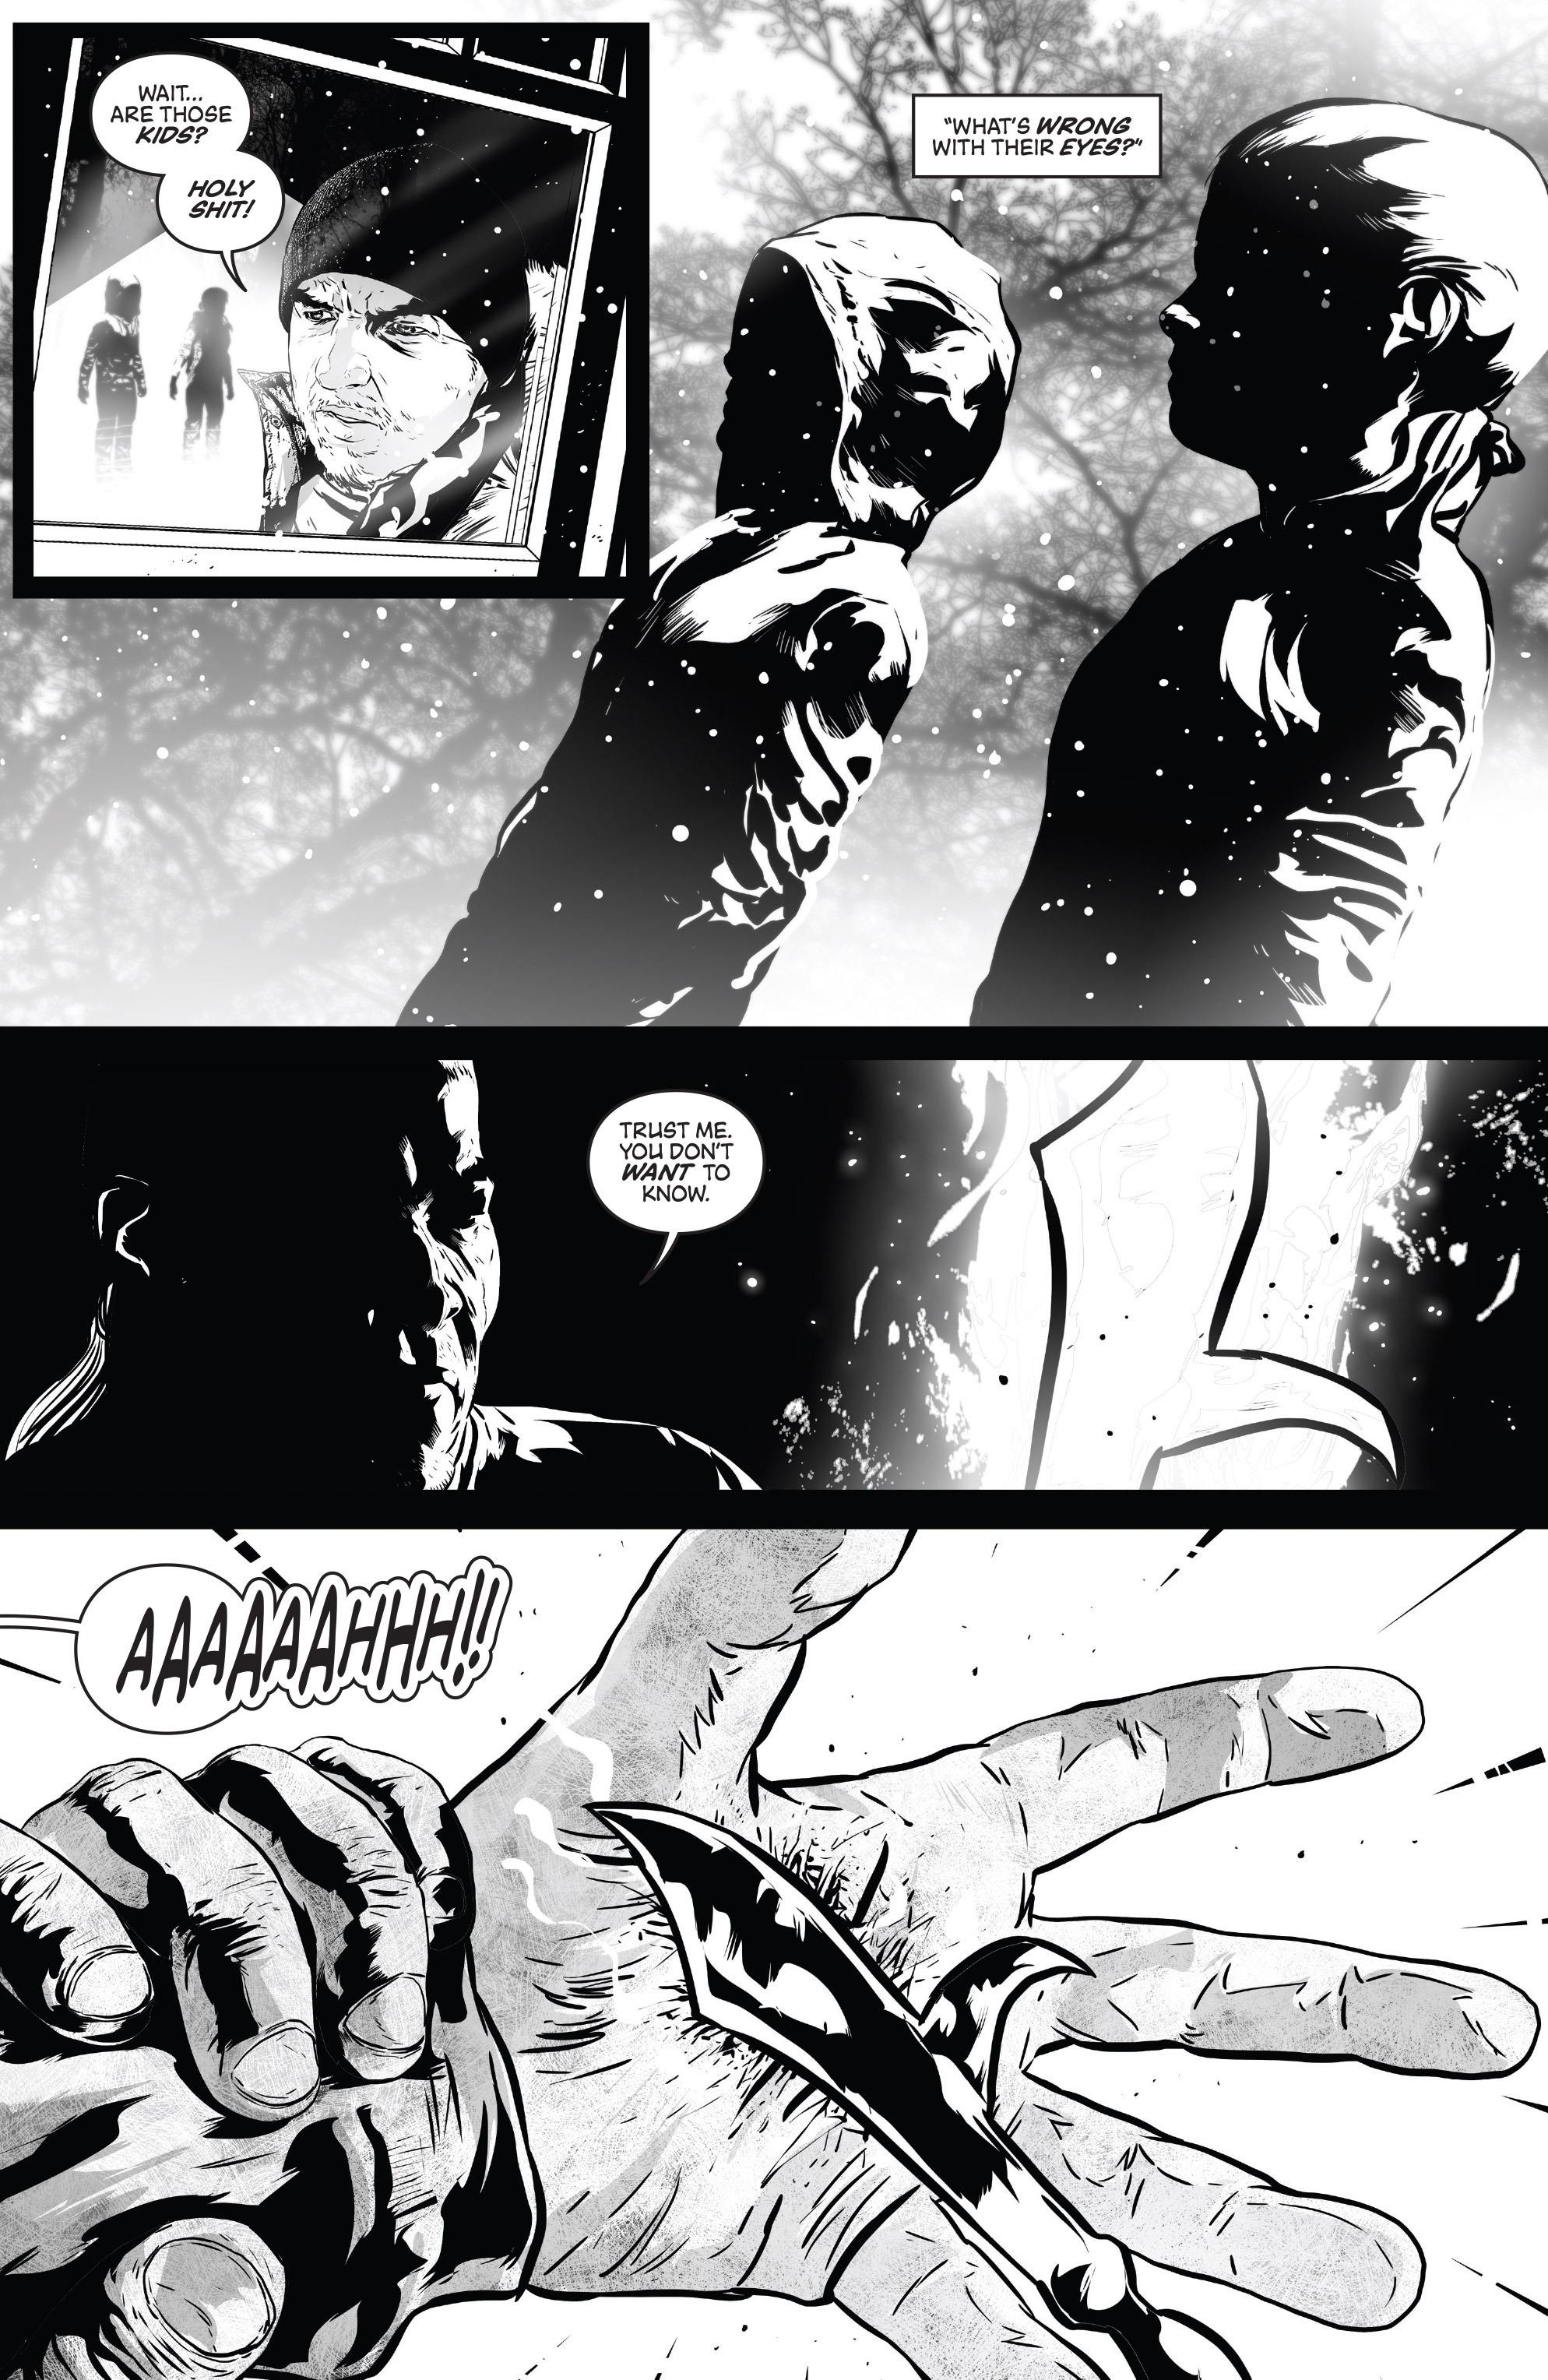 Read online Aftershock Genesis comic -  Issue #1 - 16